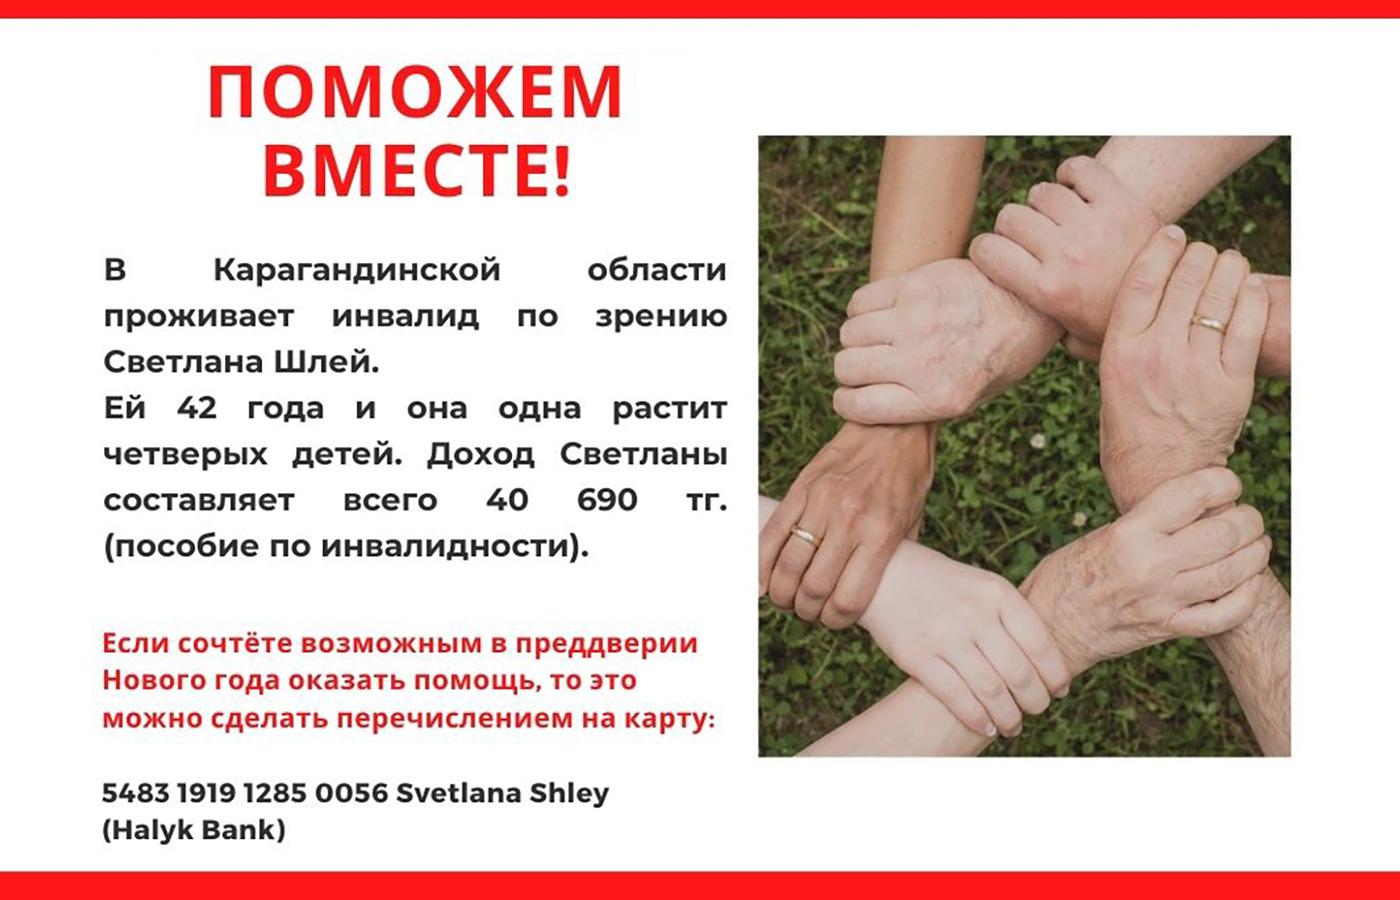 Поможем вместе — Светлана Шлей